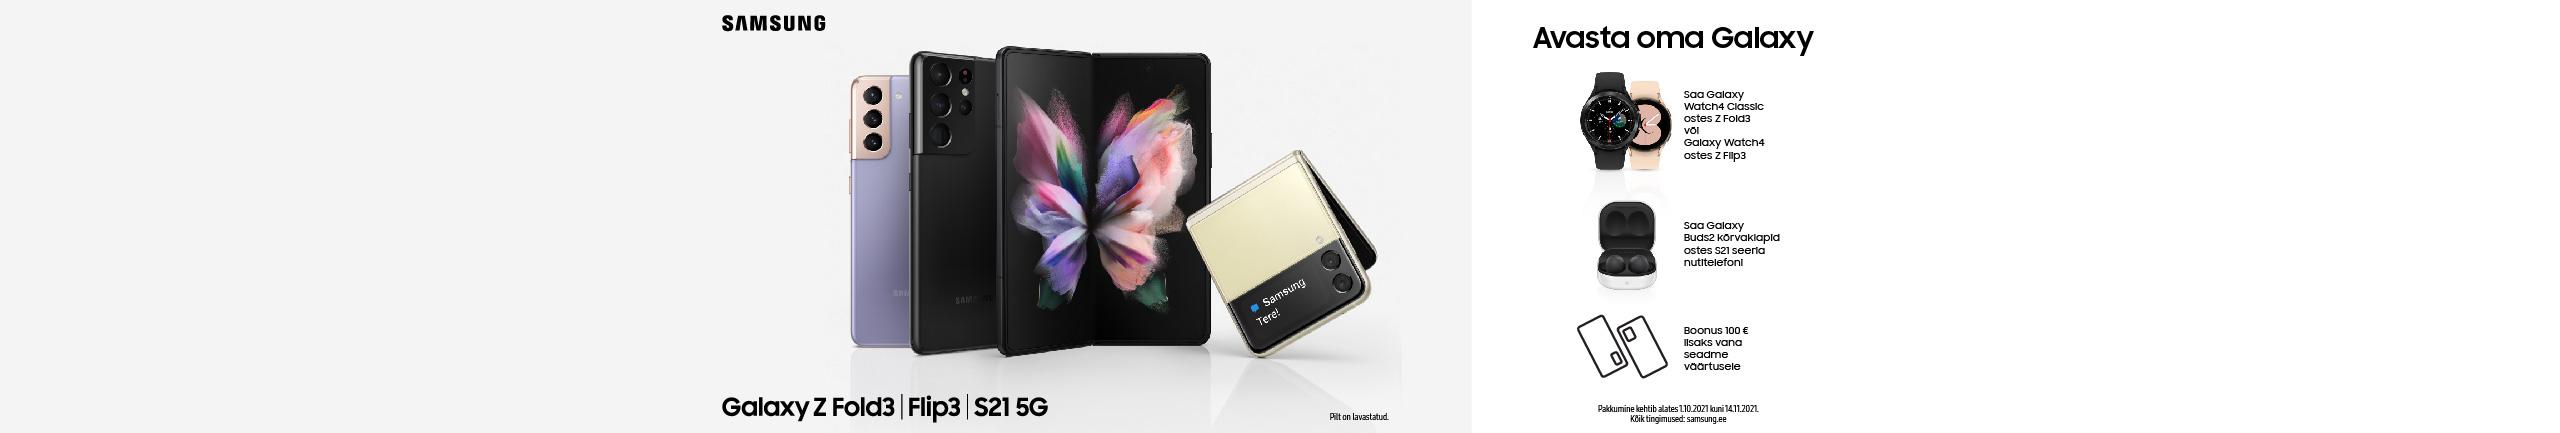 Osta Samsung Z Fold 3, Z Flip 3 või S21 seeria telefon ja saa kingitus!